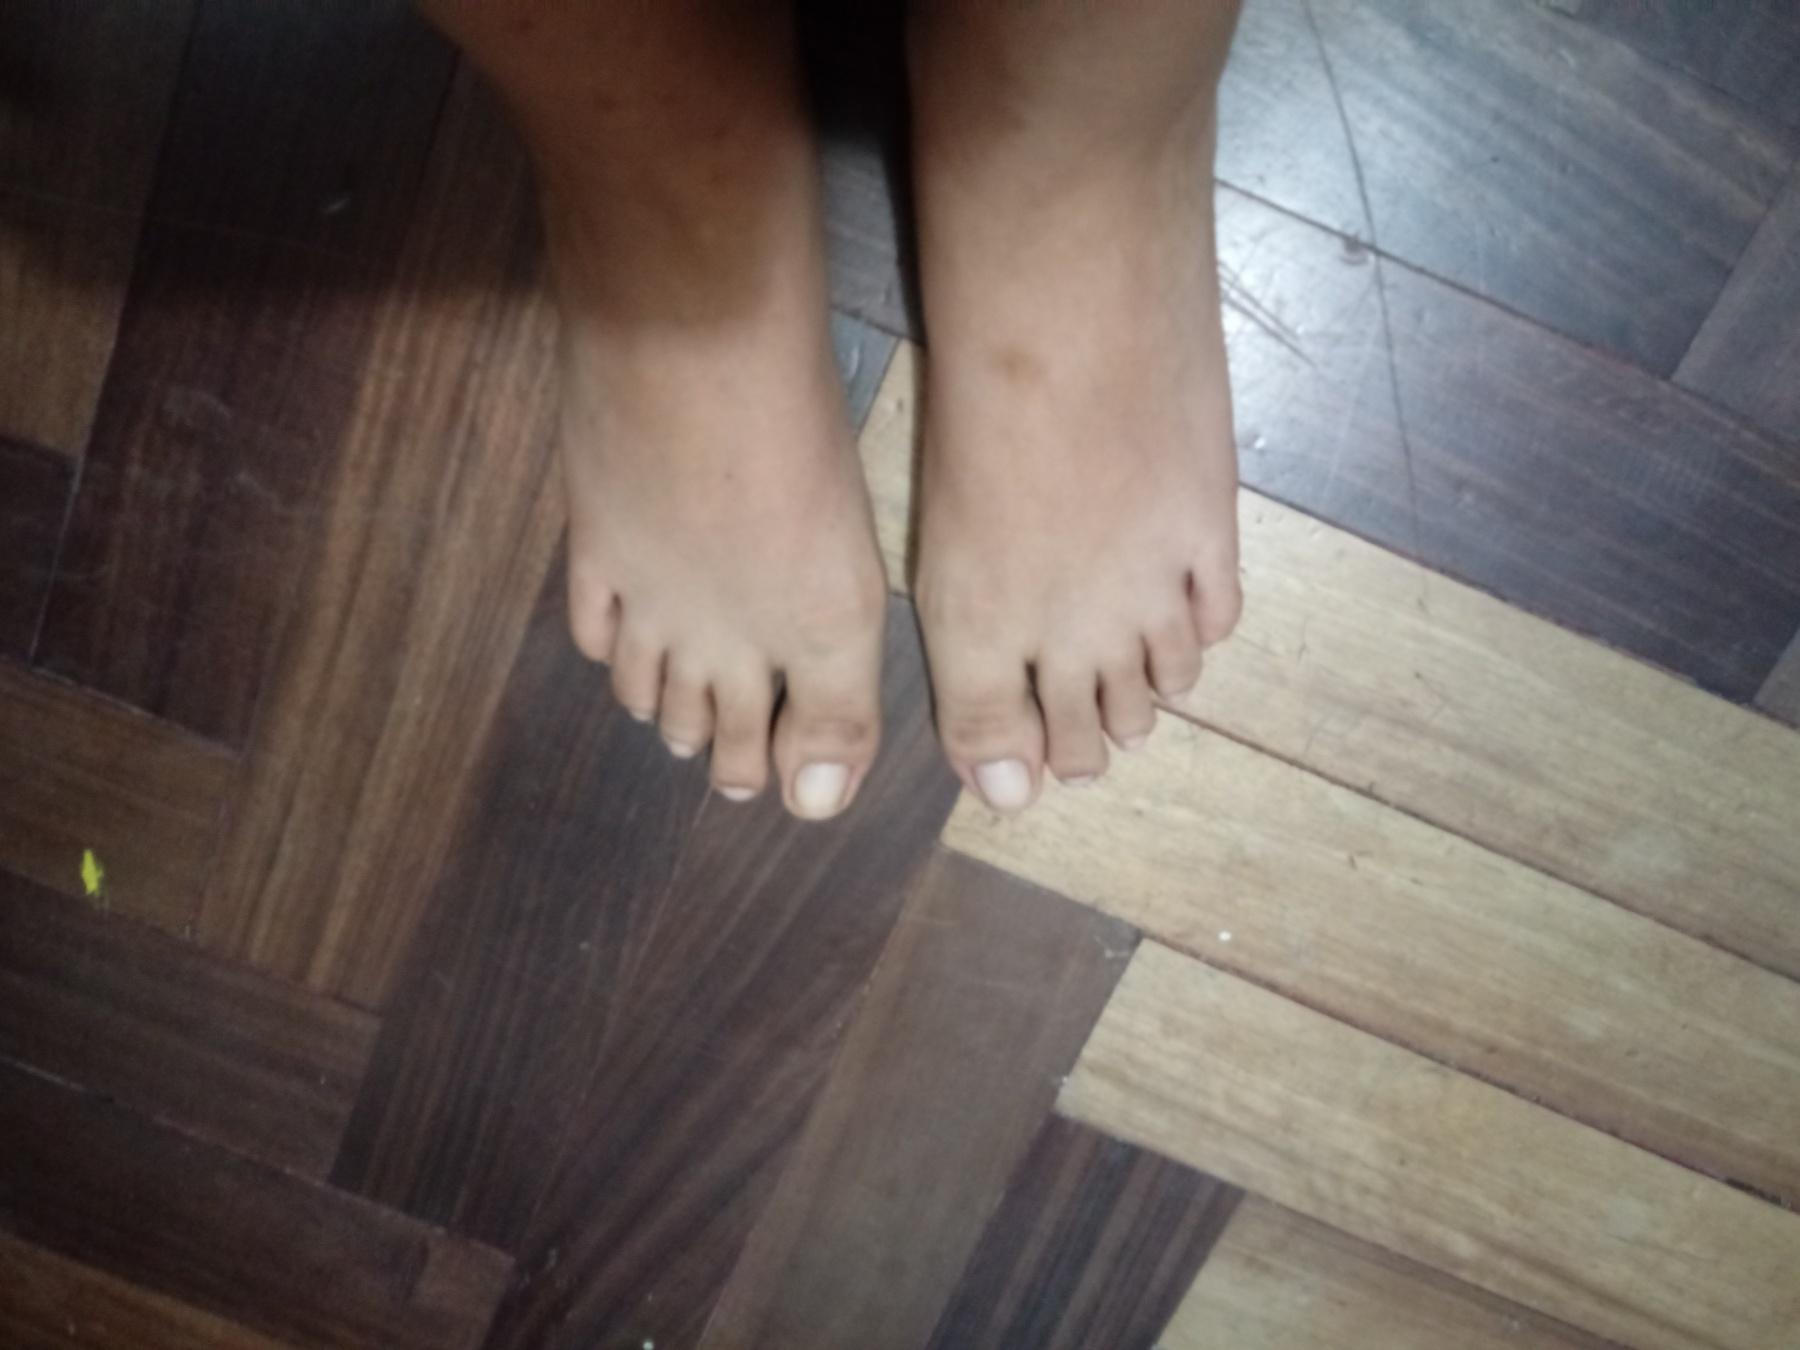 Fotos y video de mis pies